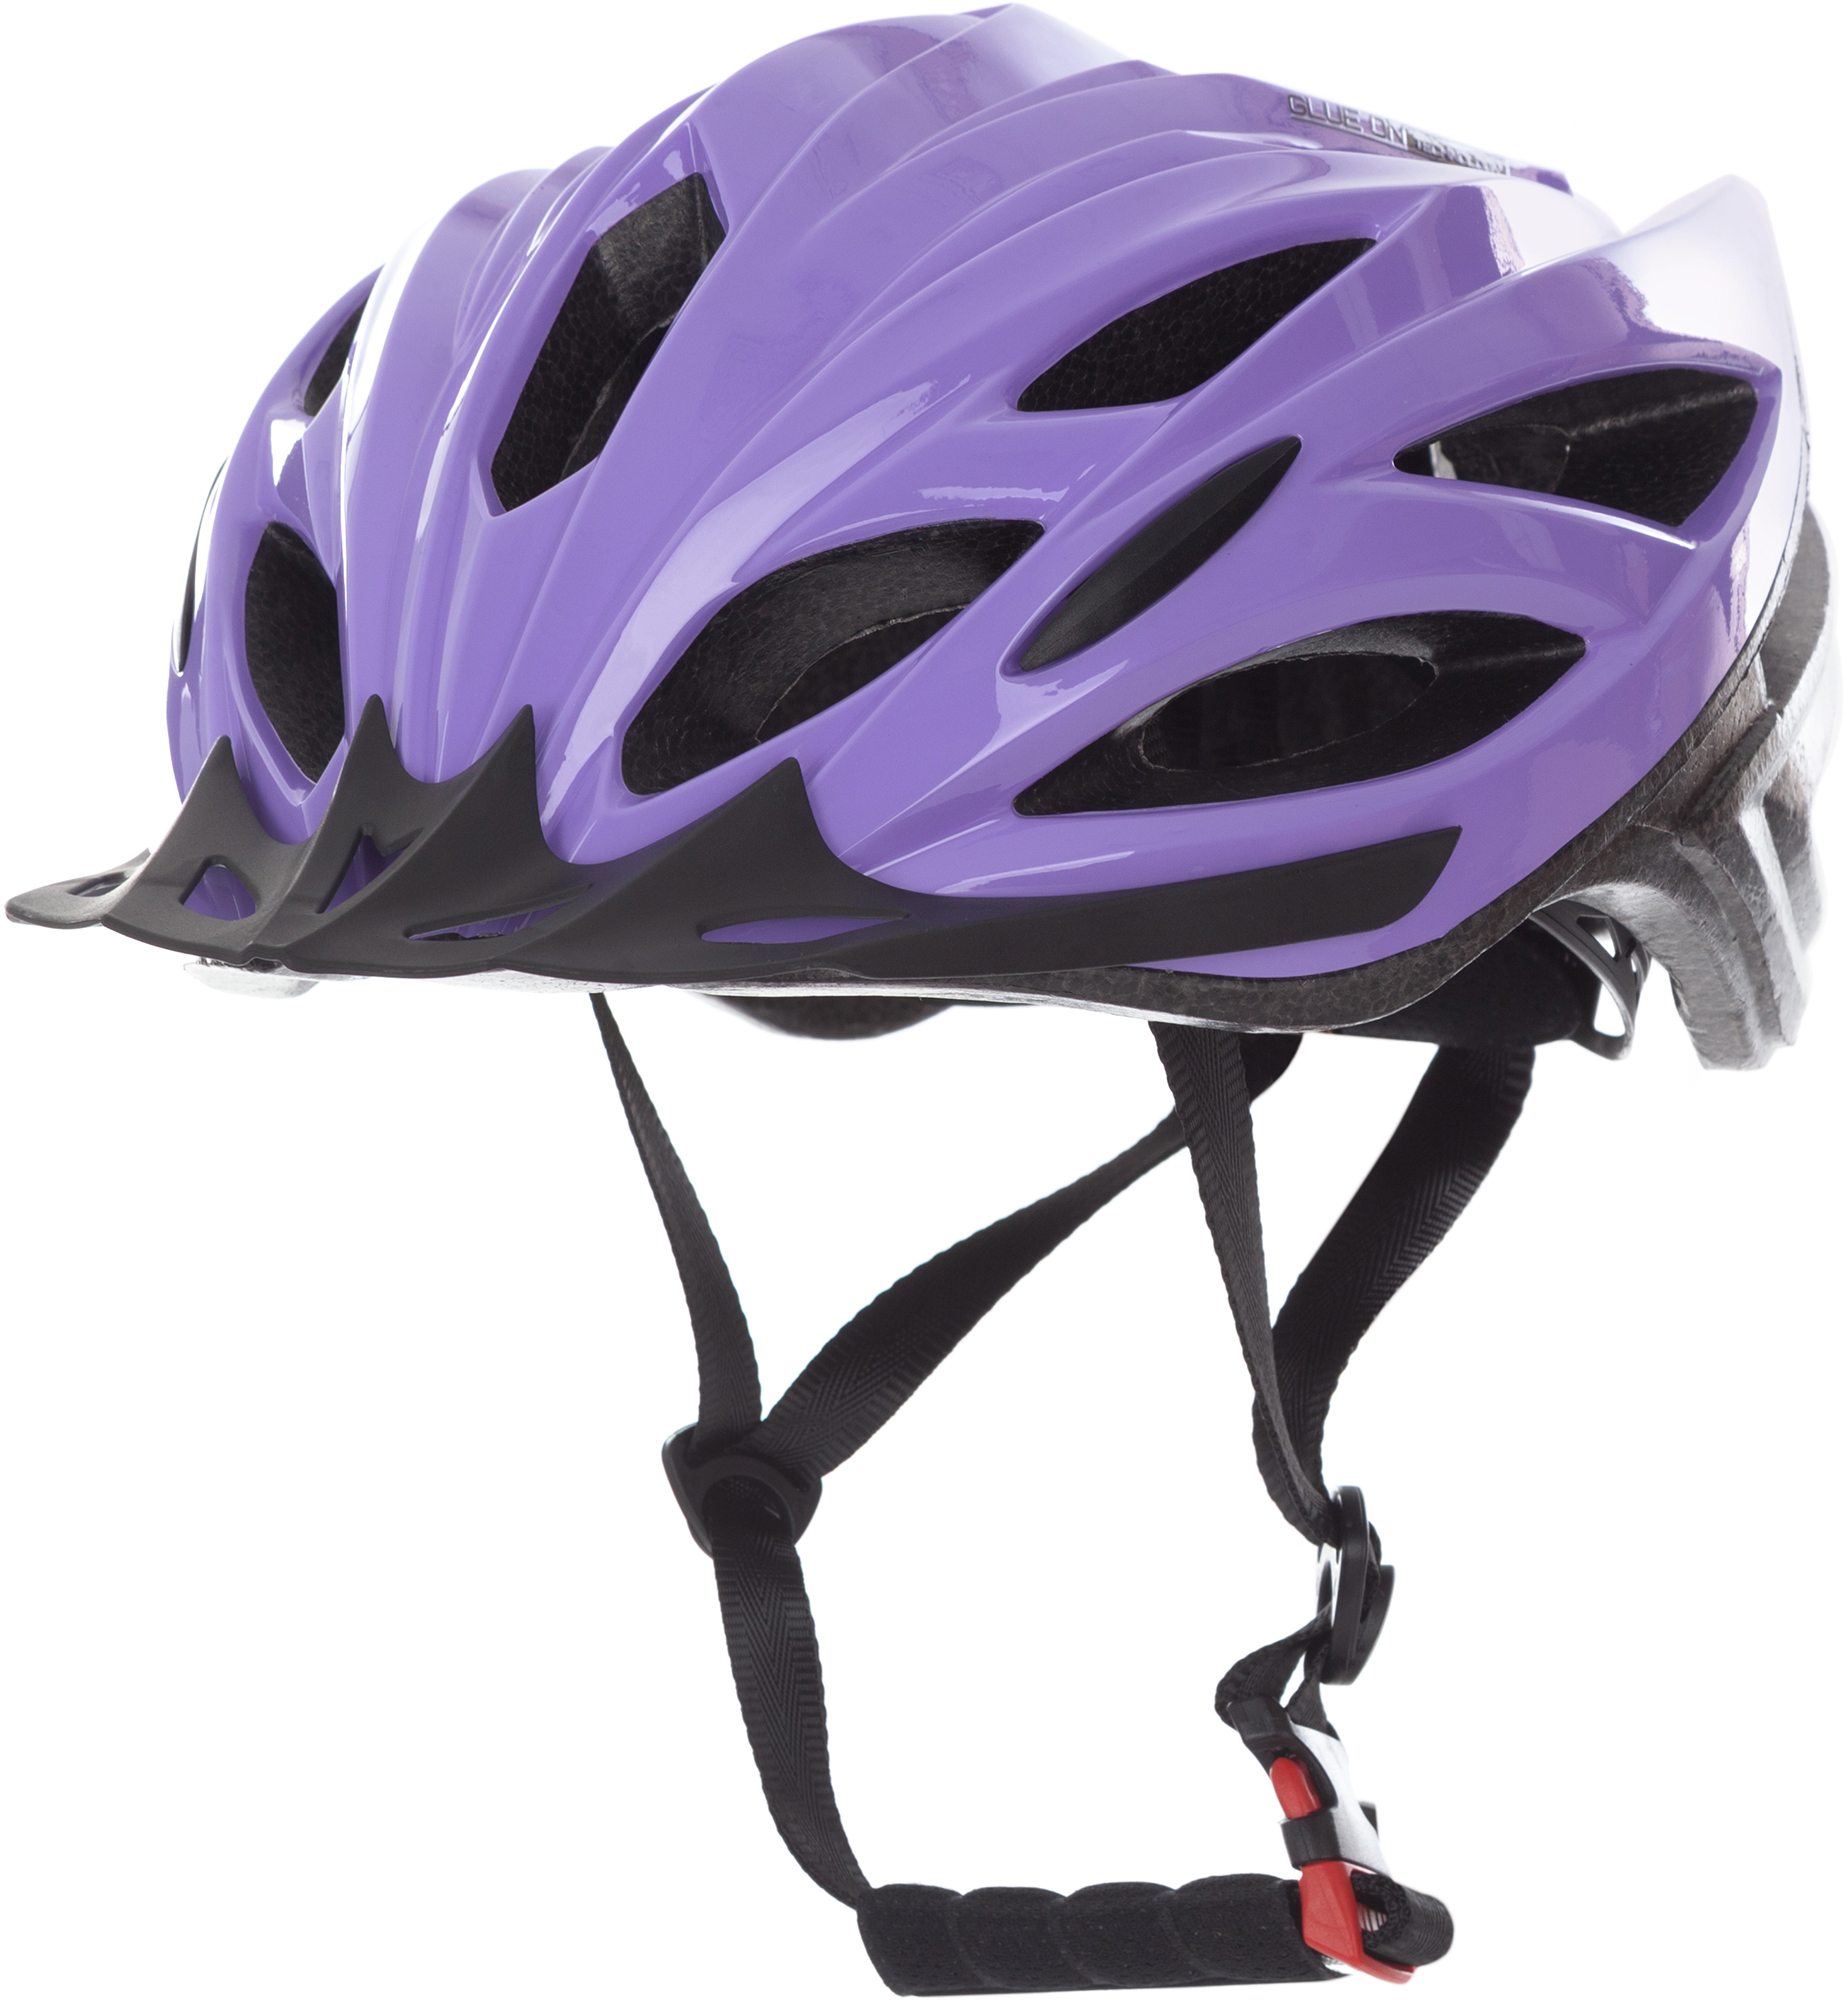 Cyclotech Шлем велосипедный женский Cyclotech, размер 58-62